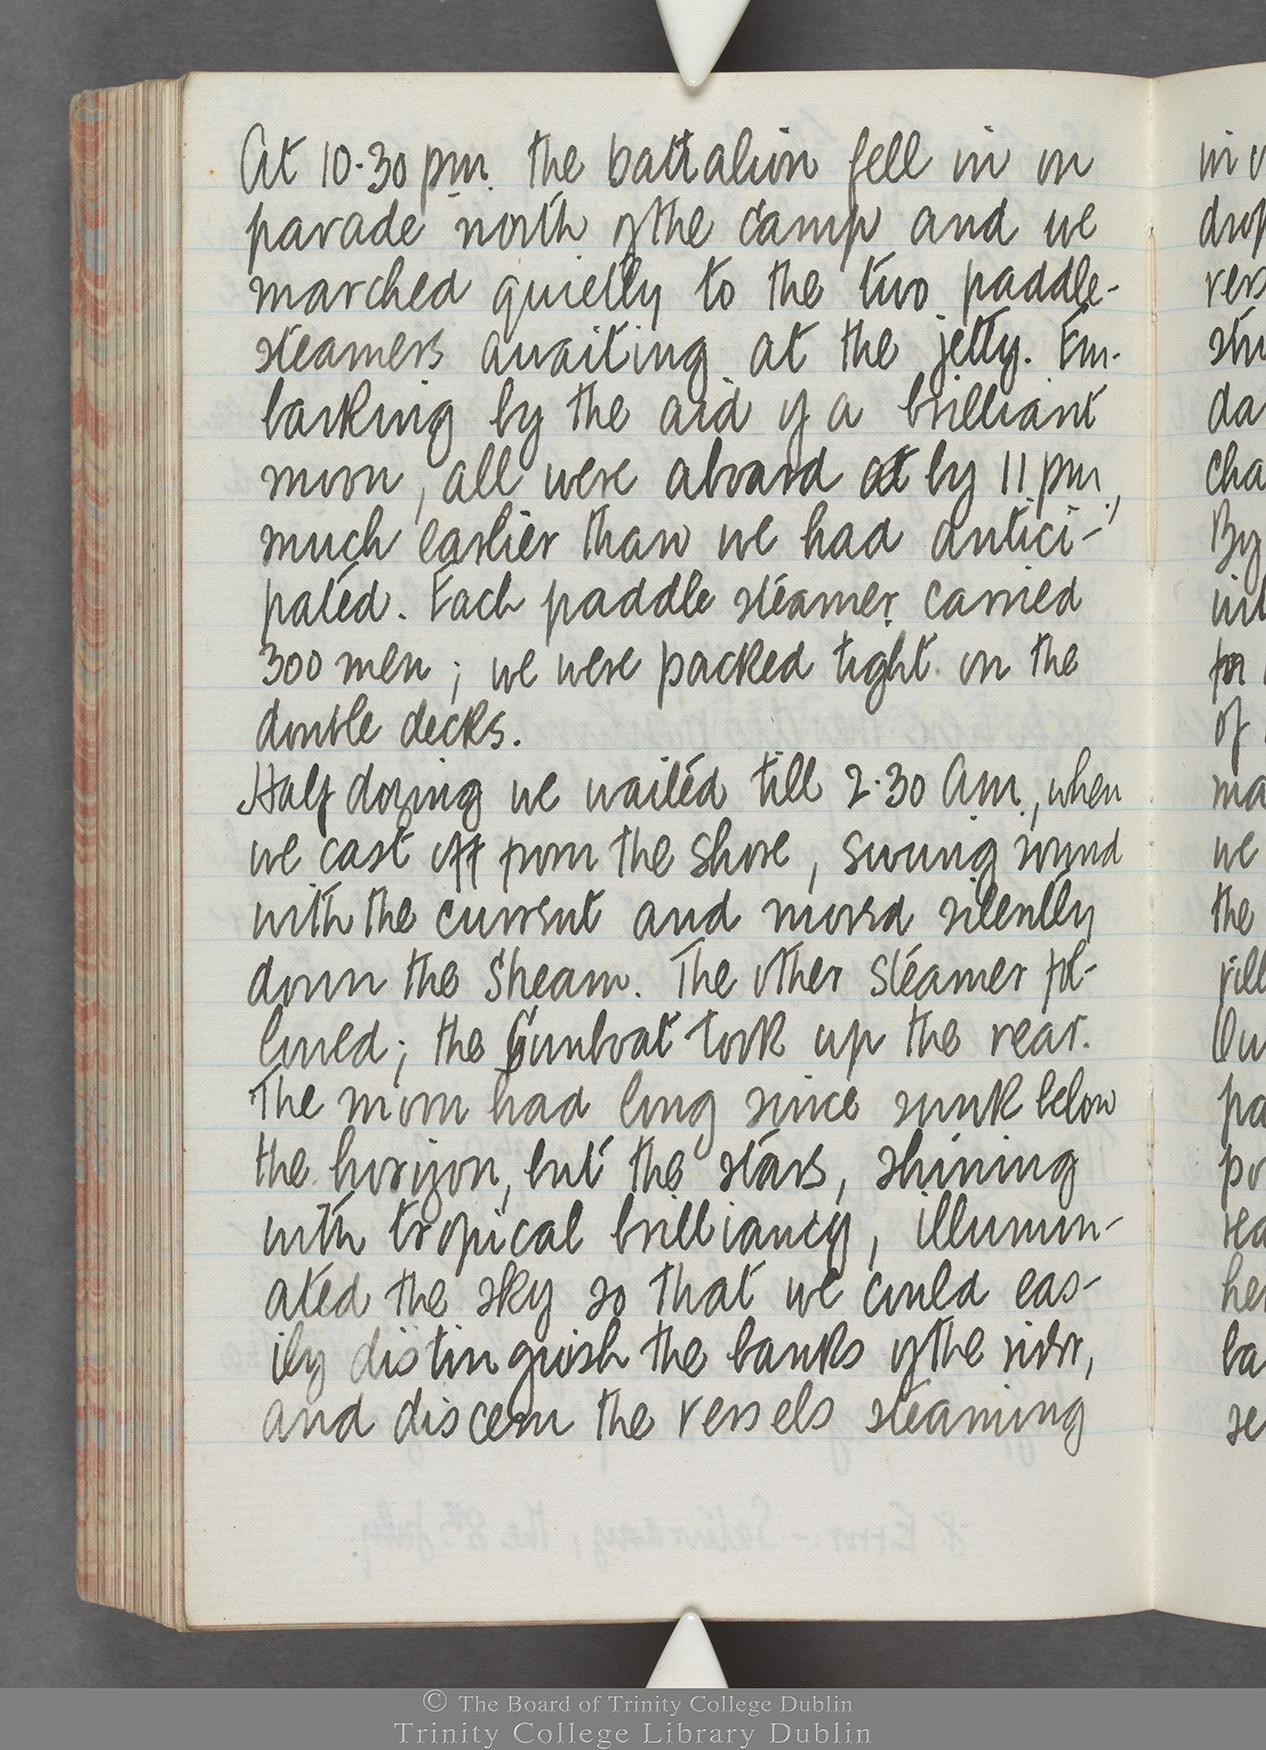 TCD MS 10515 folio 135 verso